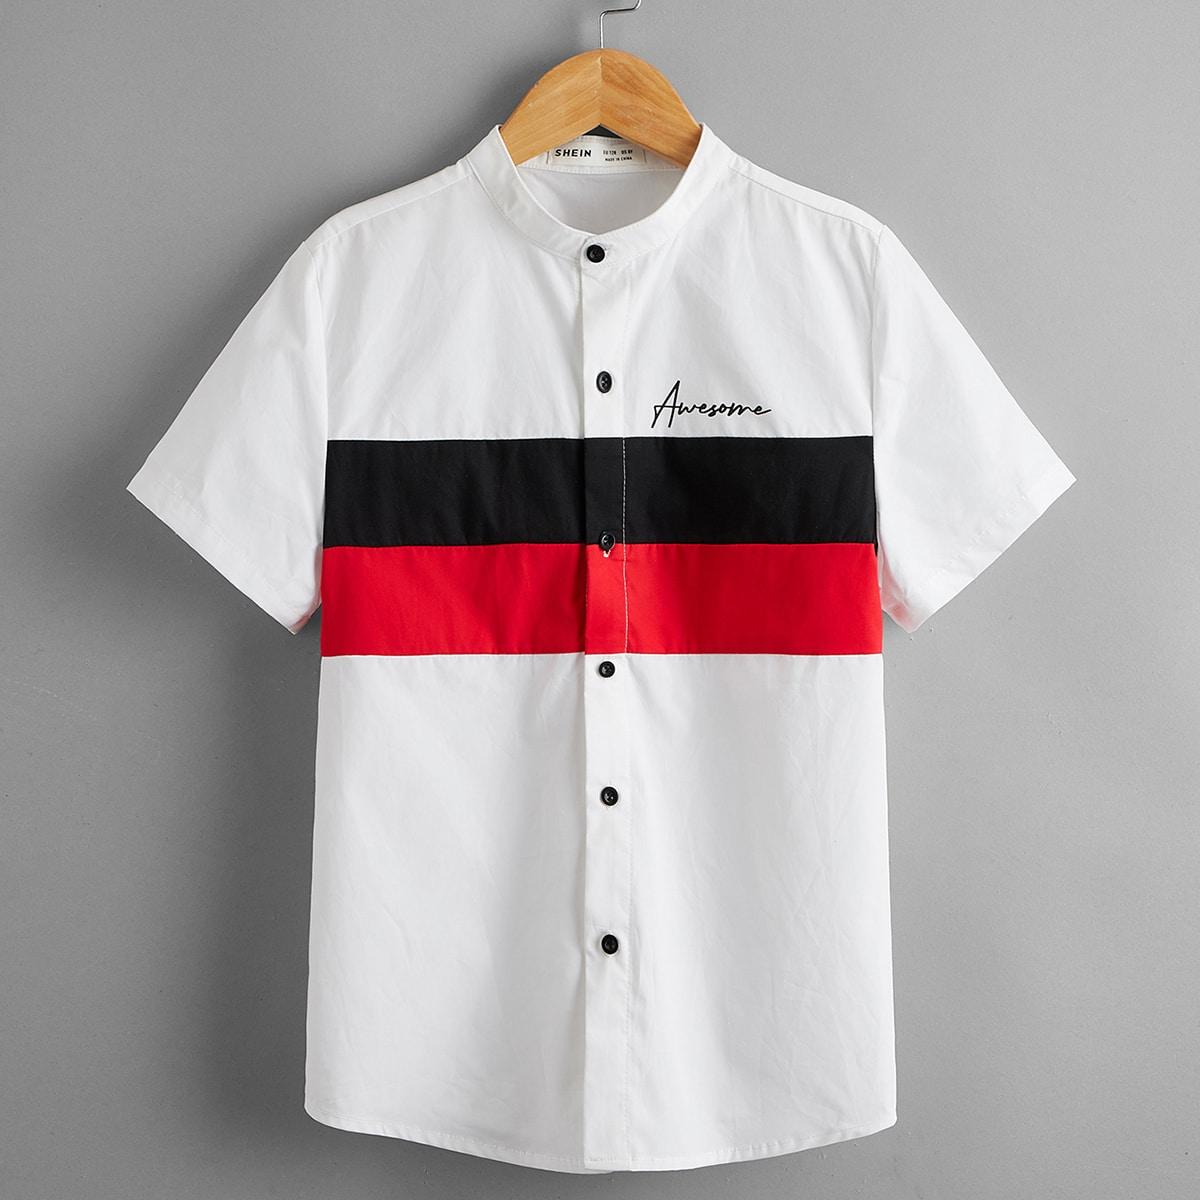 Контрастная рубашка для мальчиков с текстовым рисунком